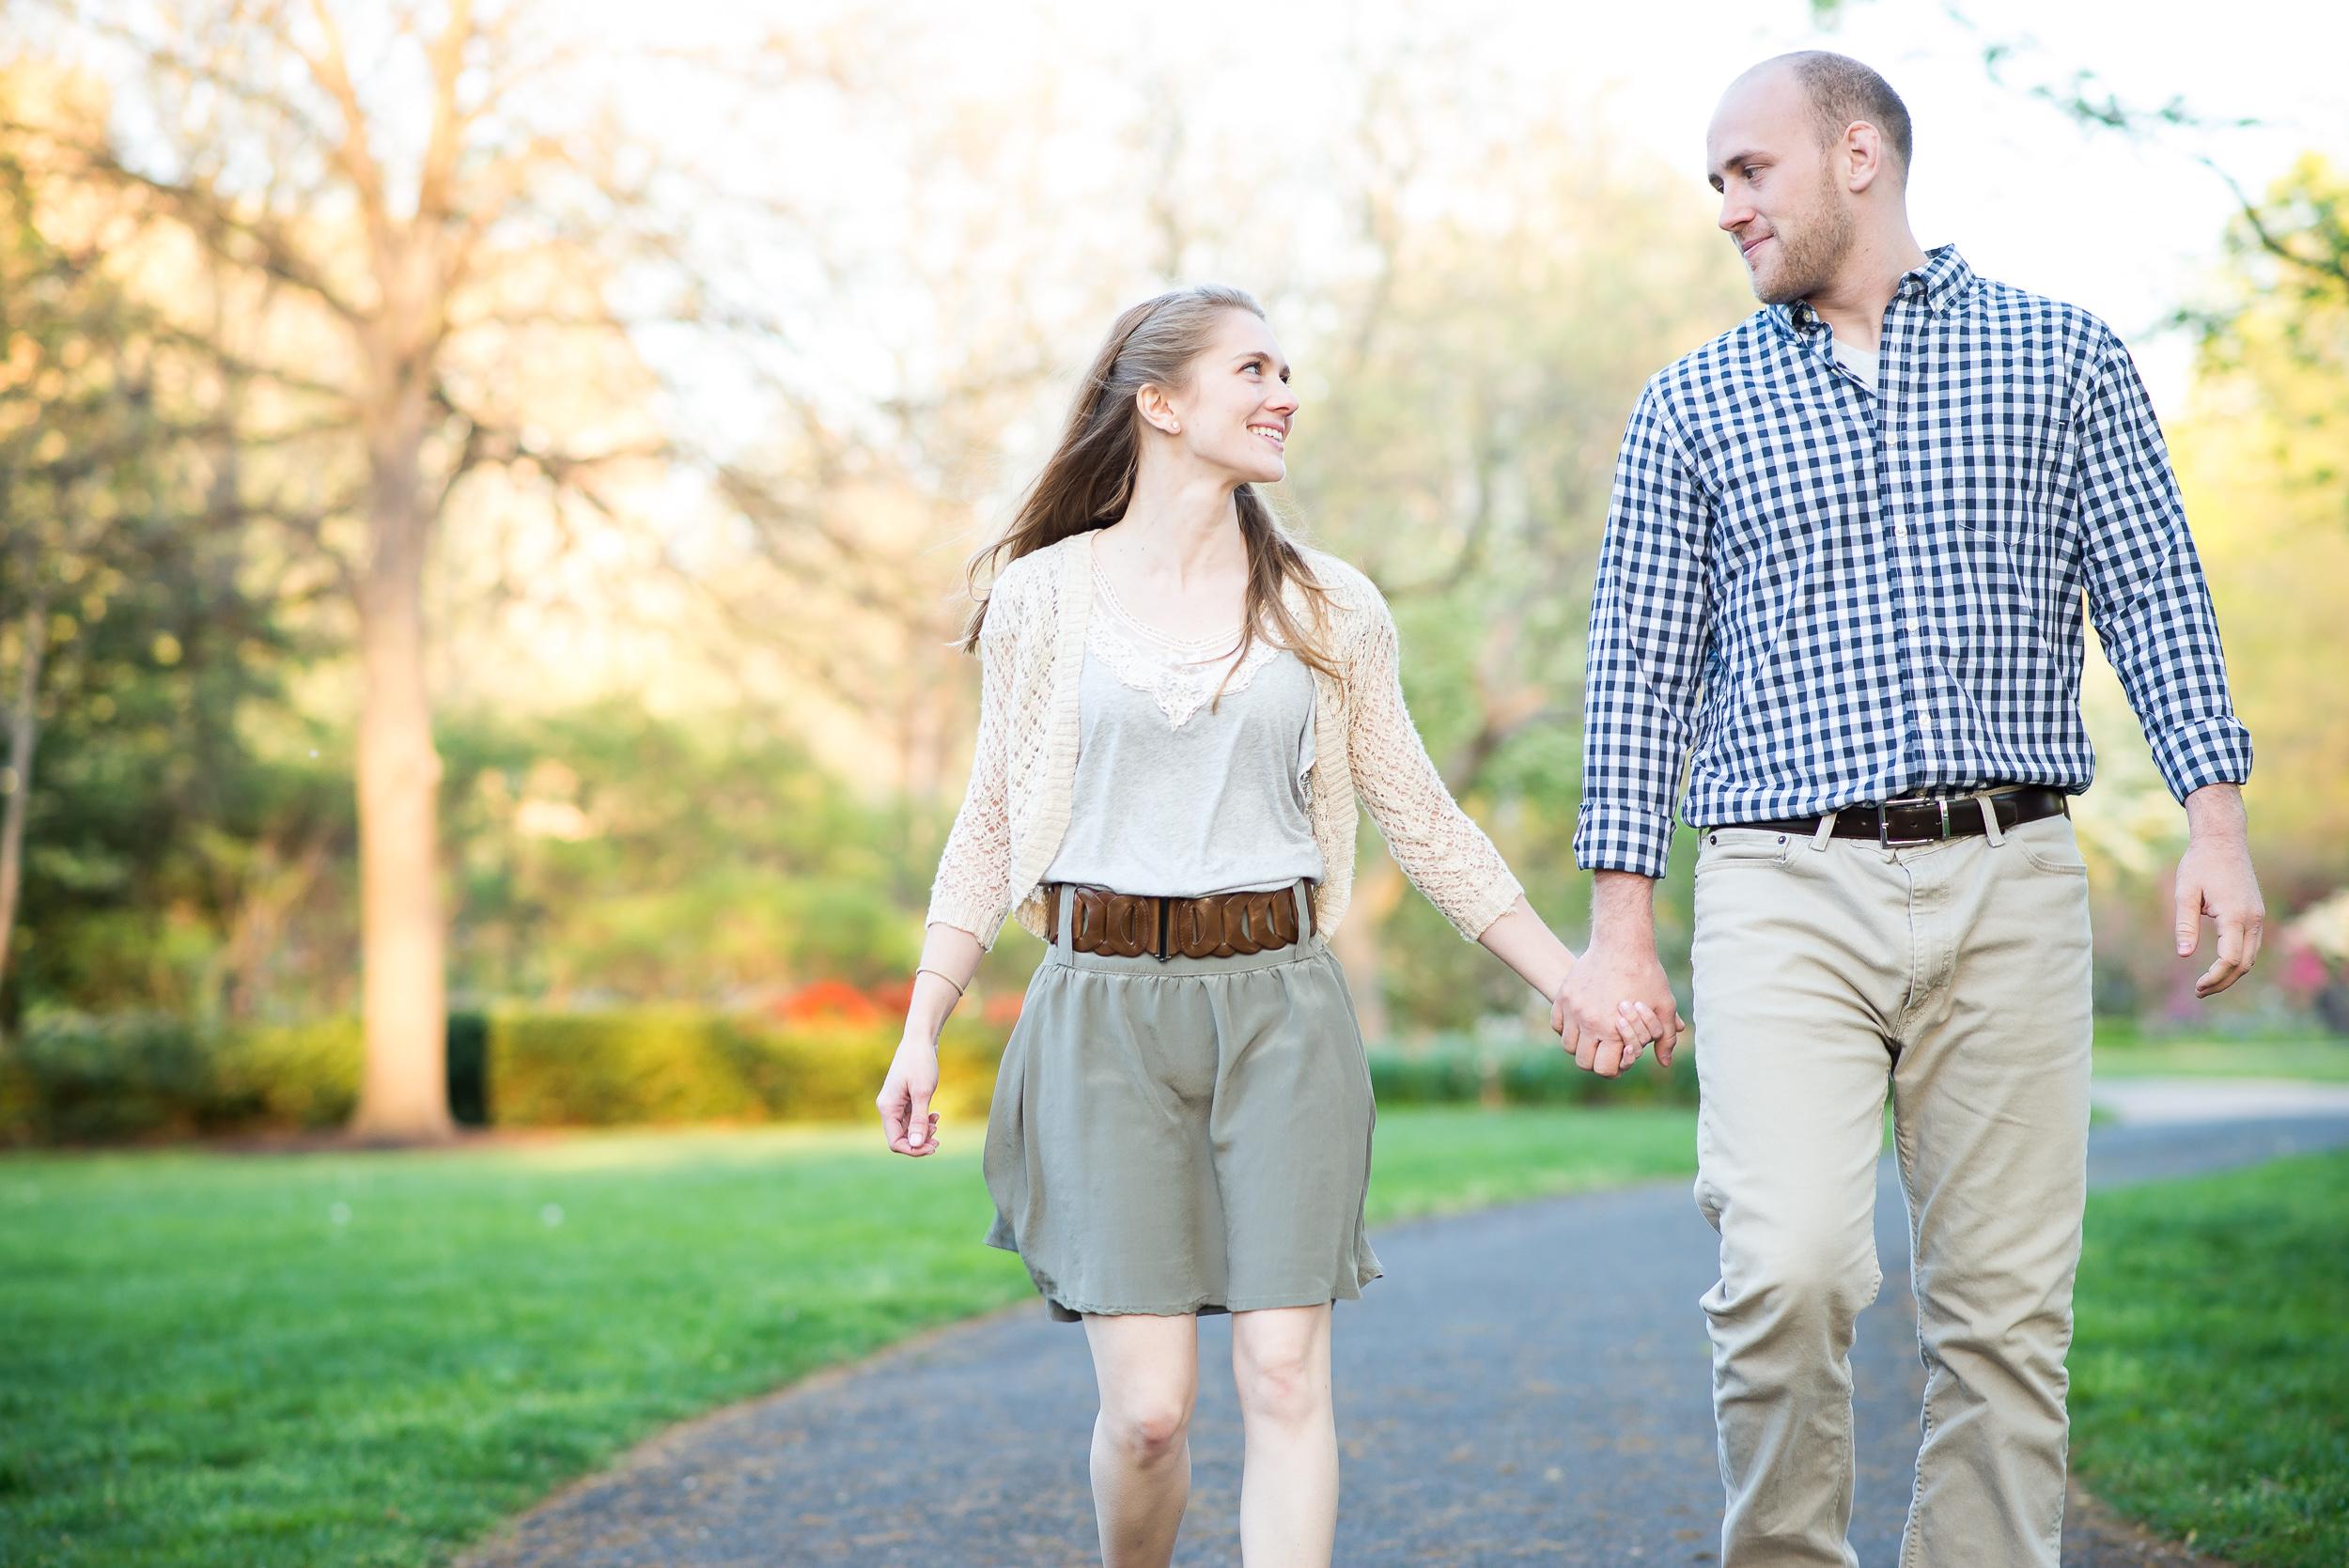 20160423 - Steve and Lydia Engagement-DSC_8998.jpg